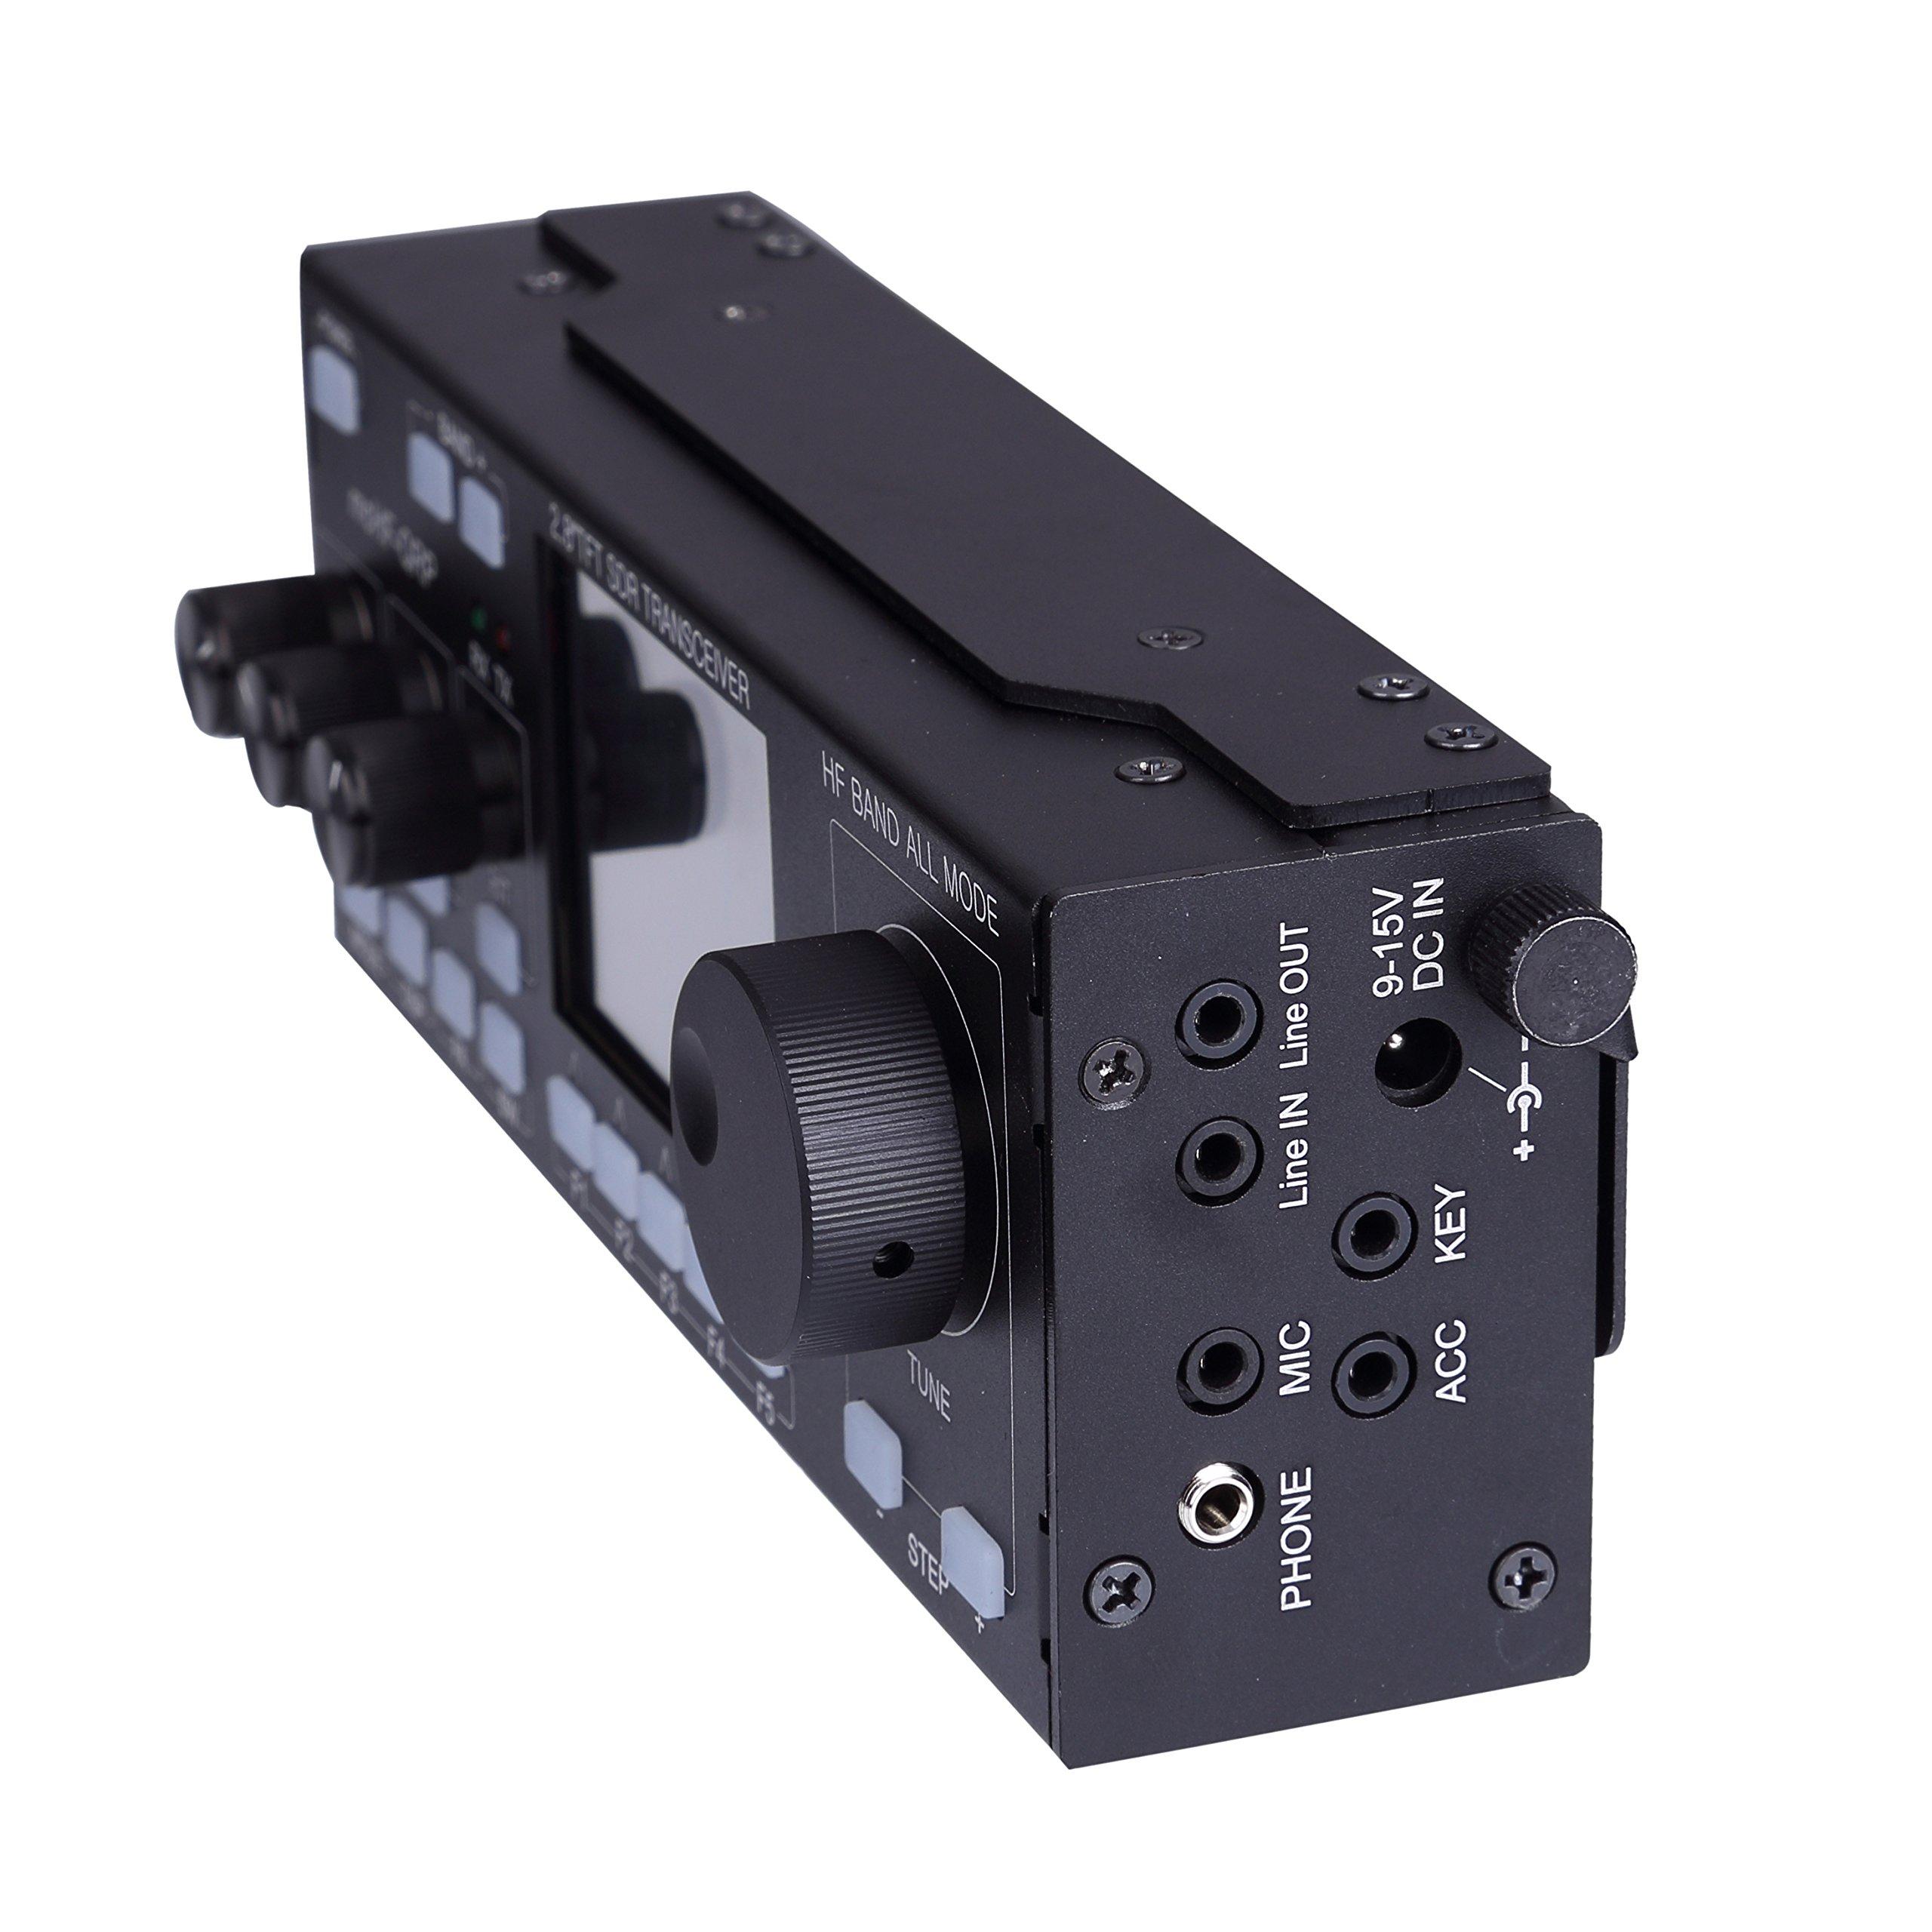 RECENT RS-918SSB HF SDR HAM Transceiver by Recent (Image #3)